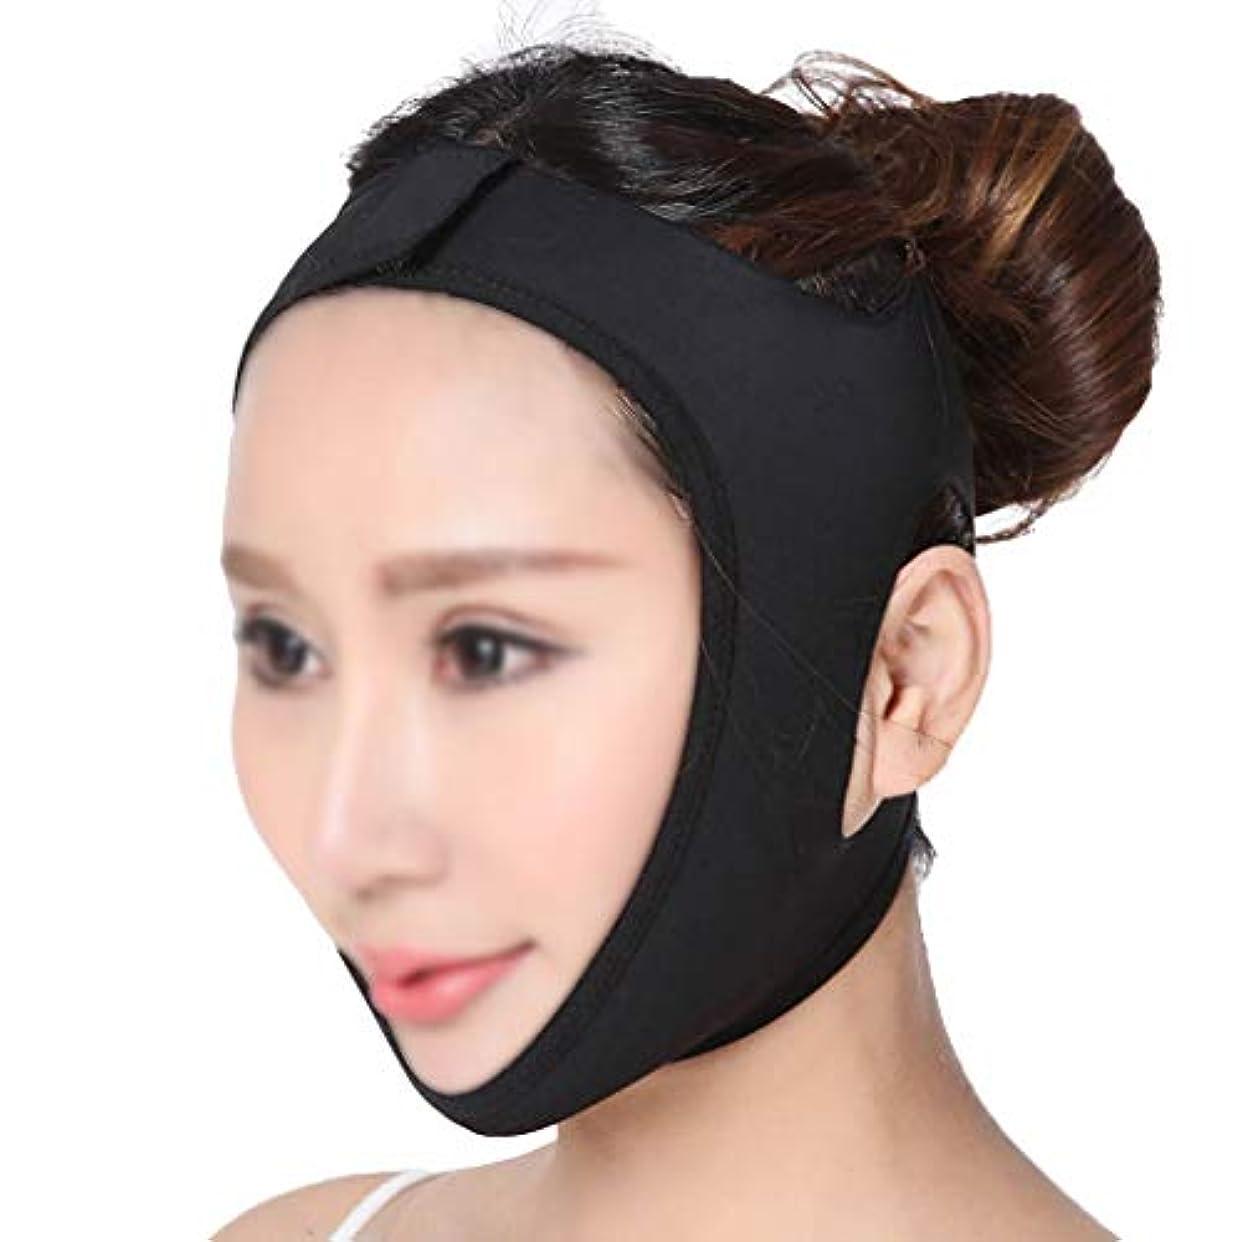 微視的欠乏いくつかのXHLMRMJ 引き締めフェイスマスク、フェイスリフトマスクフェイシャルマッサージVフェイス包帯シンフェイスマスクフェイシャルリフティング引き締めフェイス楽器スモールフェイス付きフェイスブラックフェイスマスク (Size...